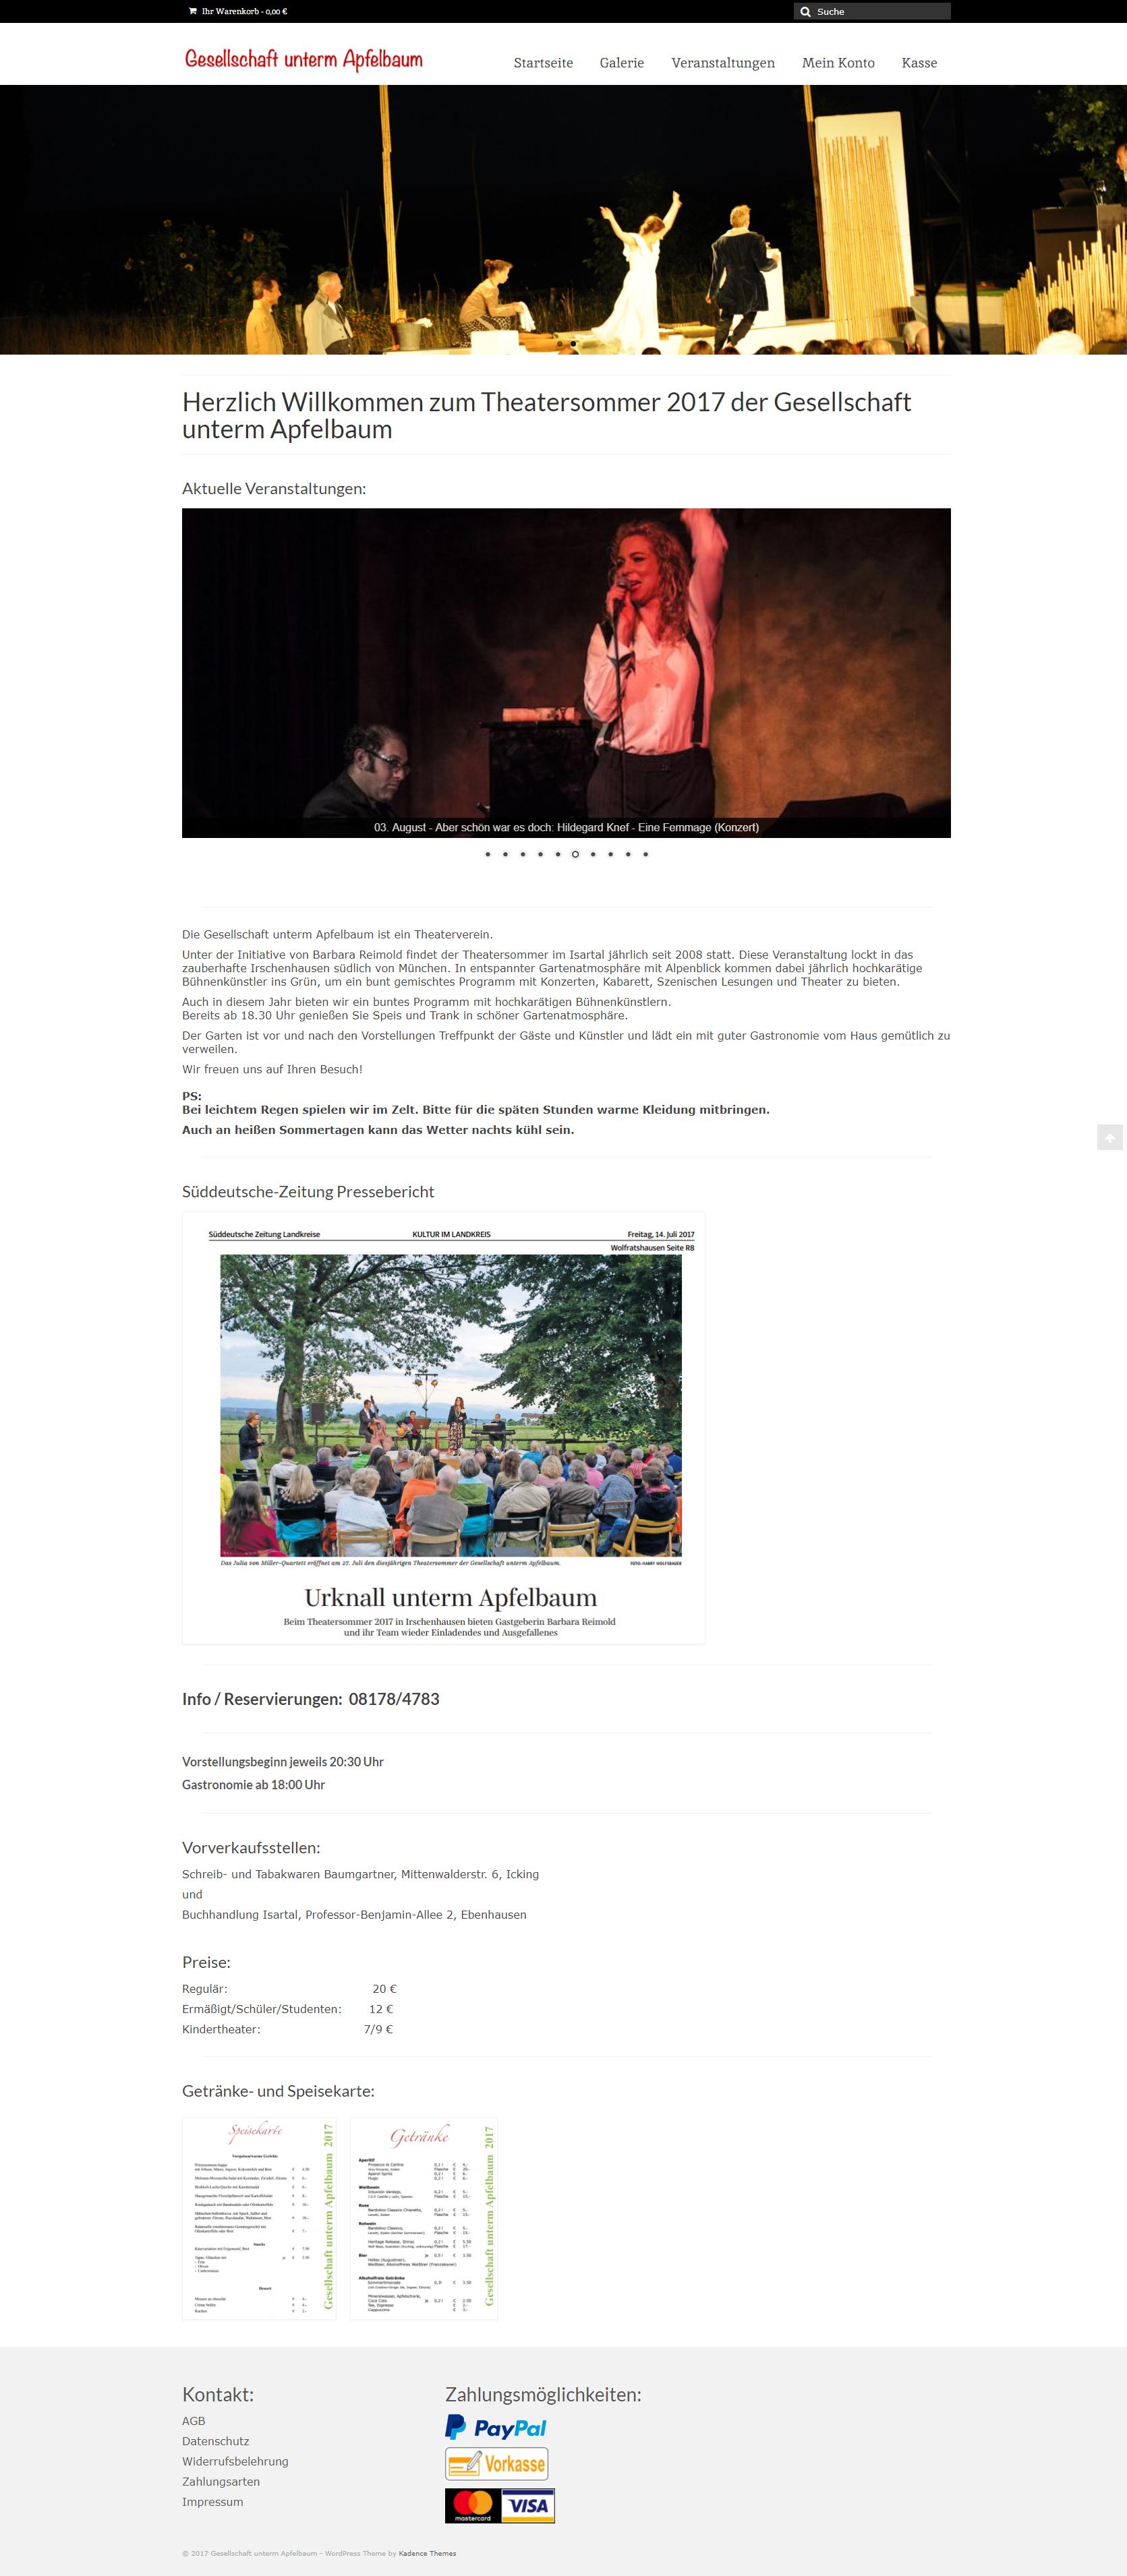 Webseite Gesellschaft unterm Apfelbaum